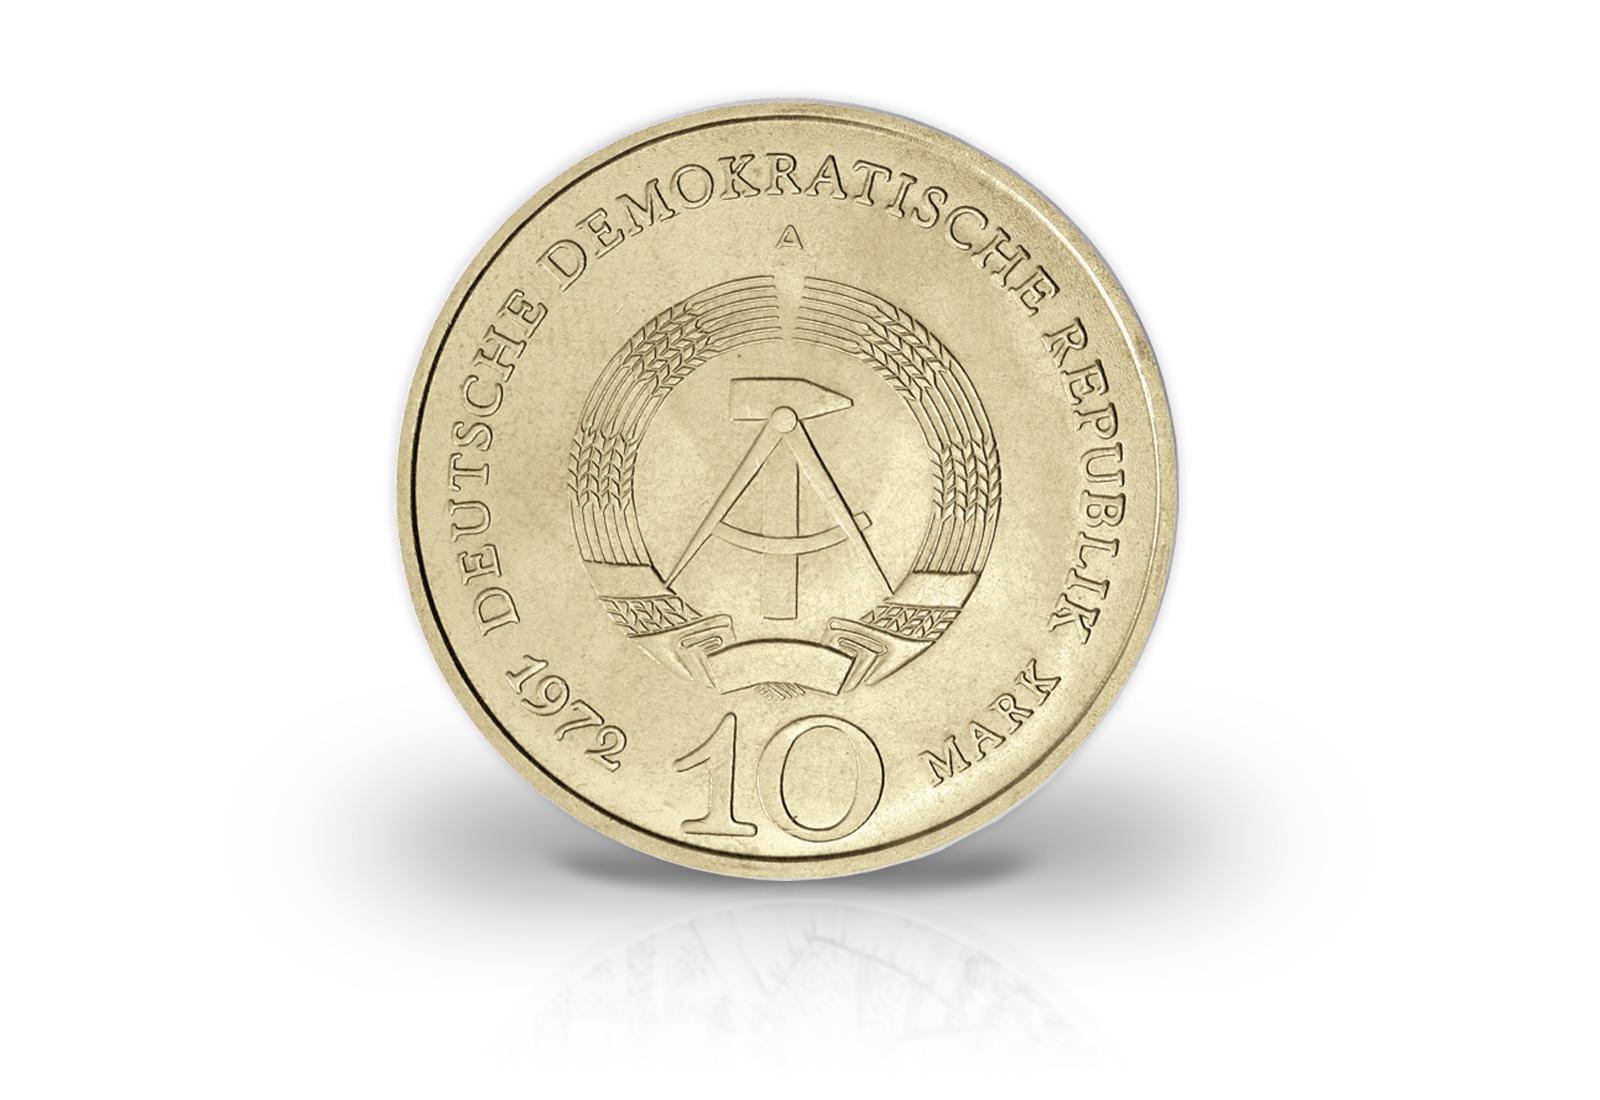 Ddr 10 Mark Gedenkmünze Buchenwald 1970 Jaeger Nr 1539 10 Mark